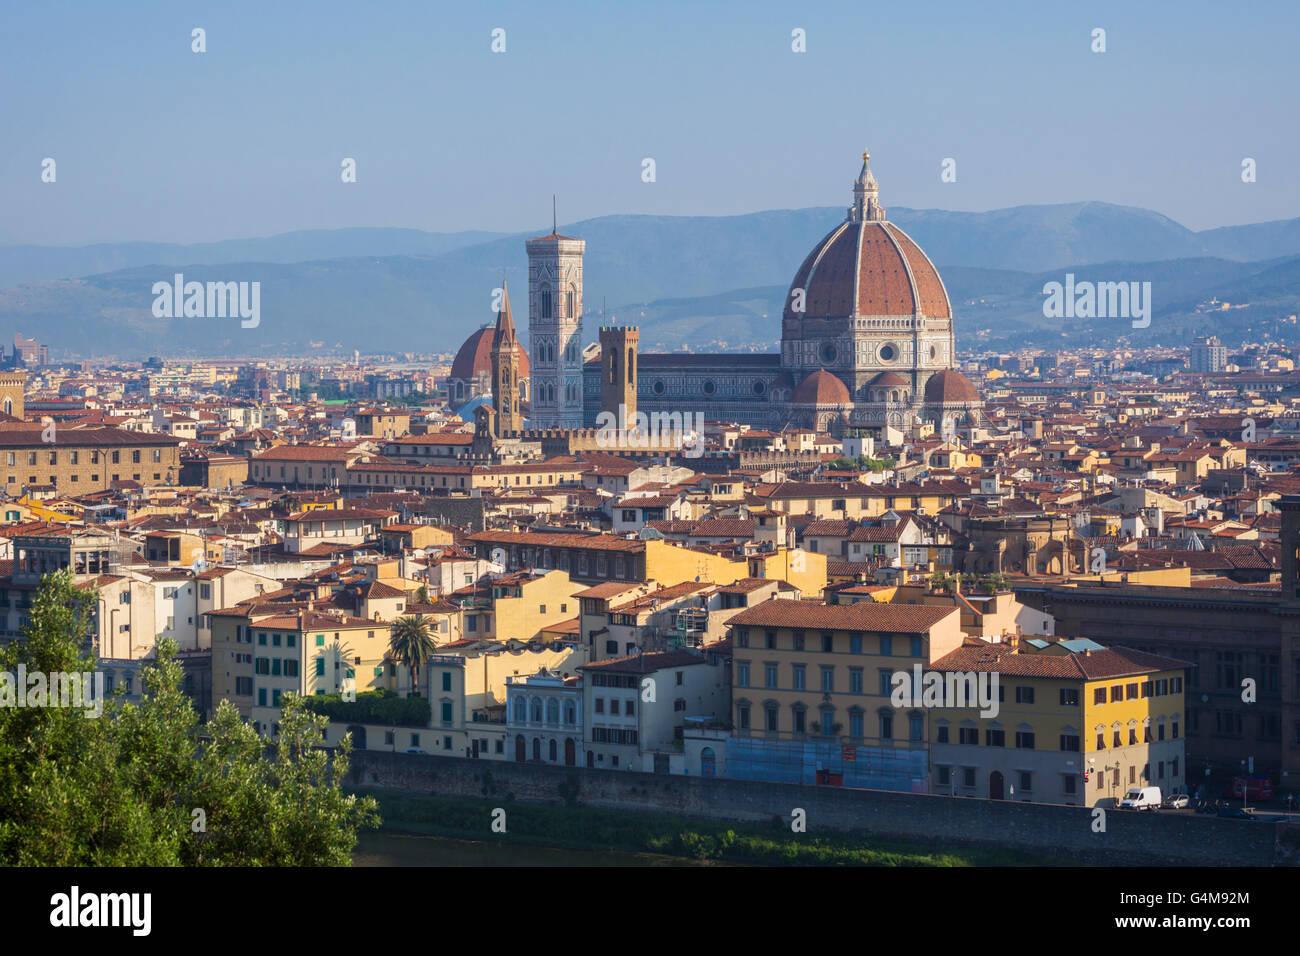 Firenze, Toscana, Italia. Vista sulla città al Duomo - Cattedrale di Santa Maria del Fiore Immagini Stock